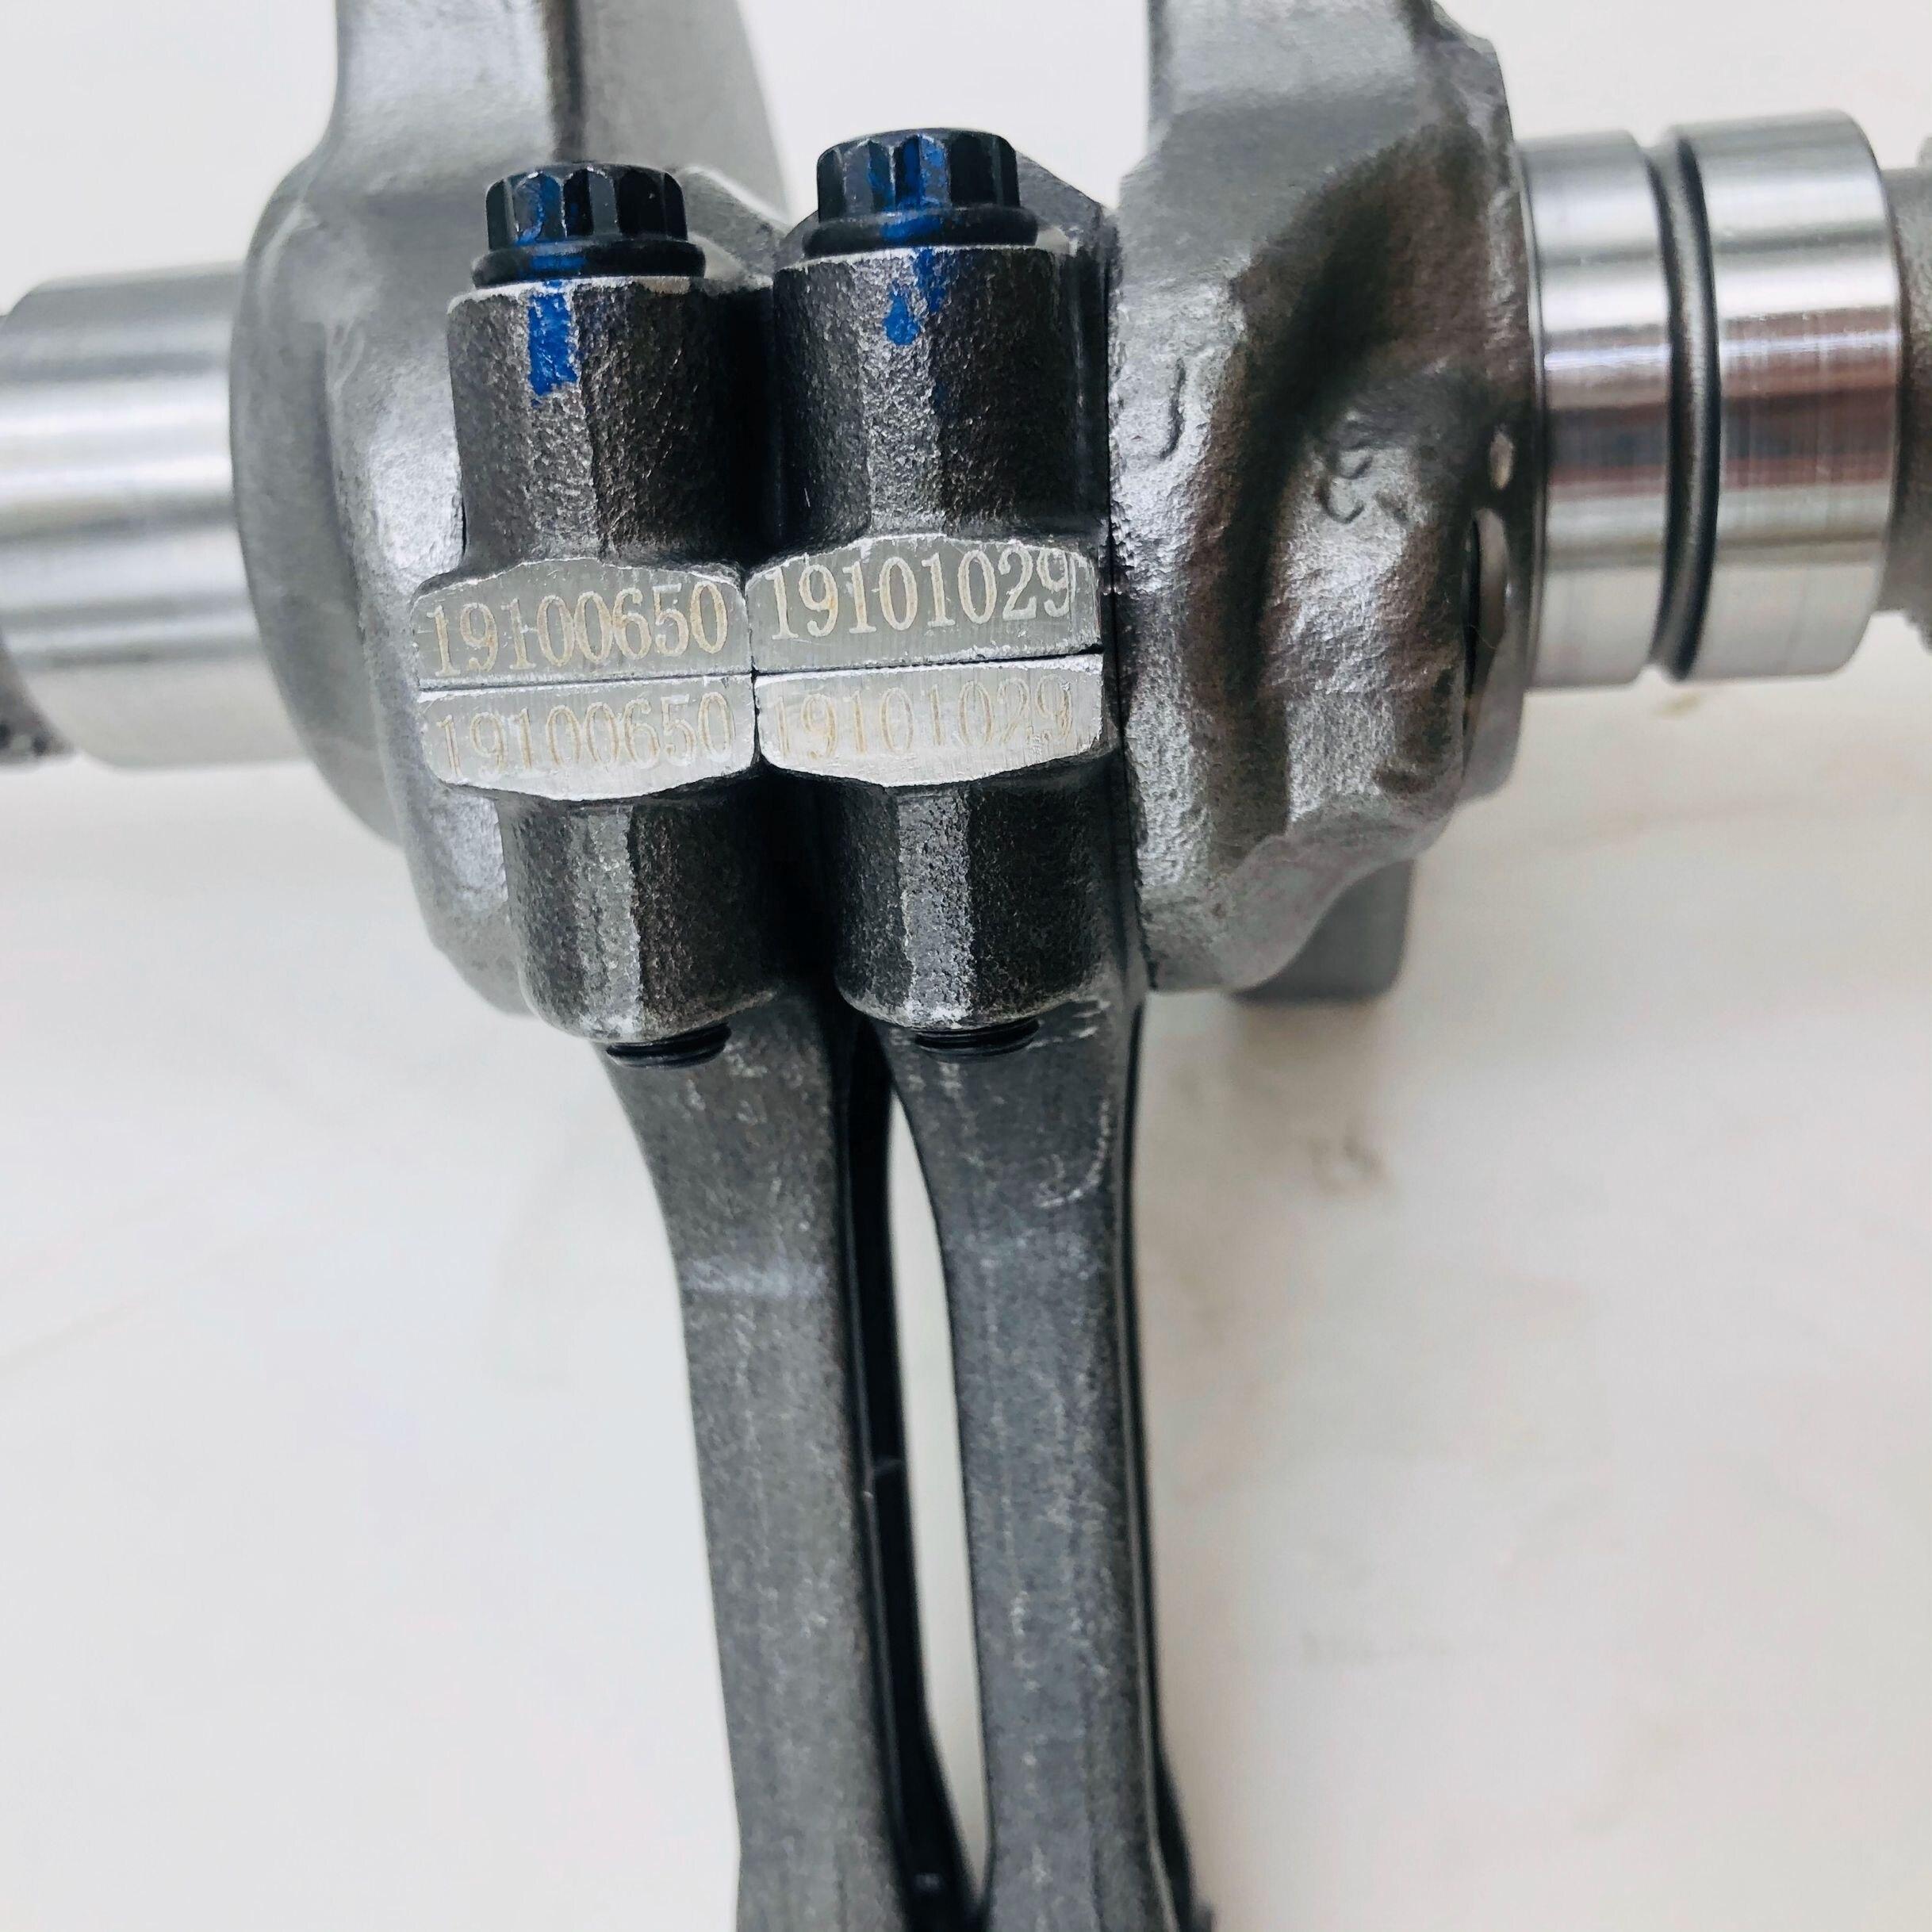 Crankshaft for BRP Can am ATV Outlander Renegade  650 800cc   420219665 enlarge